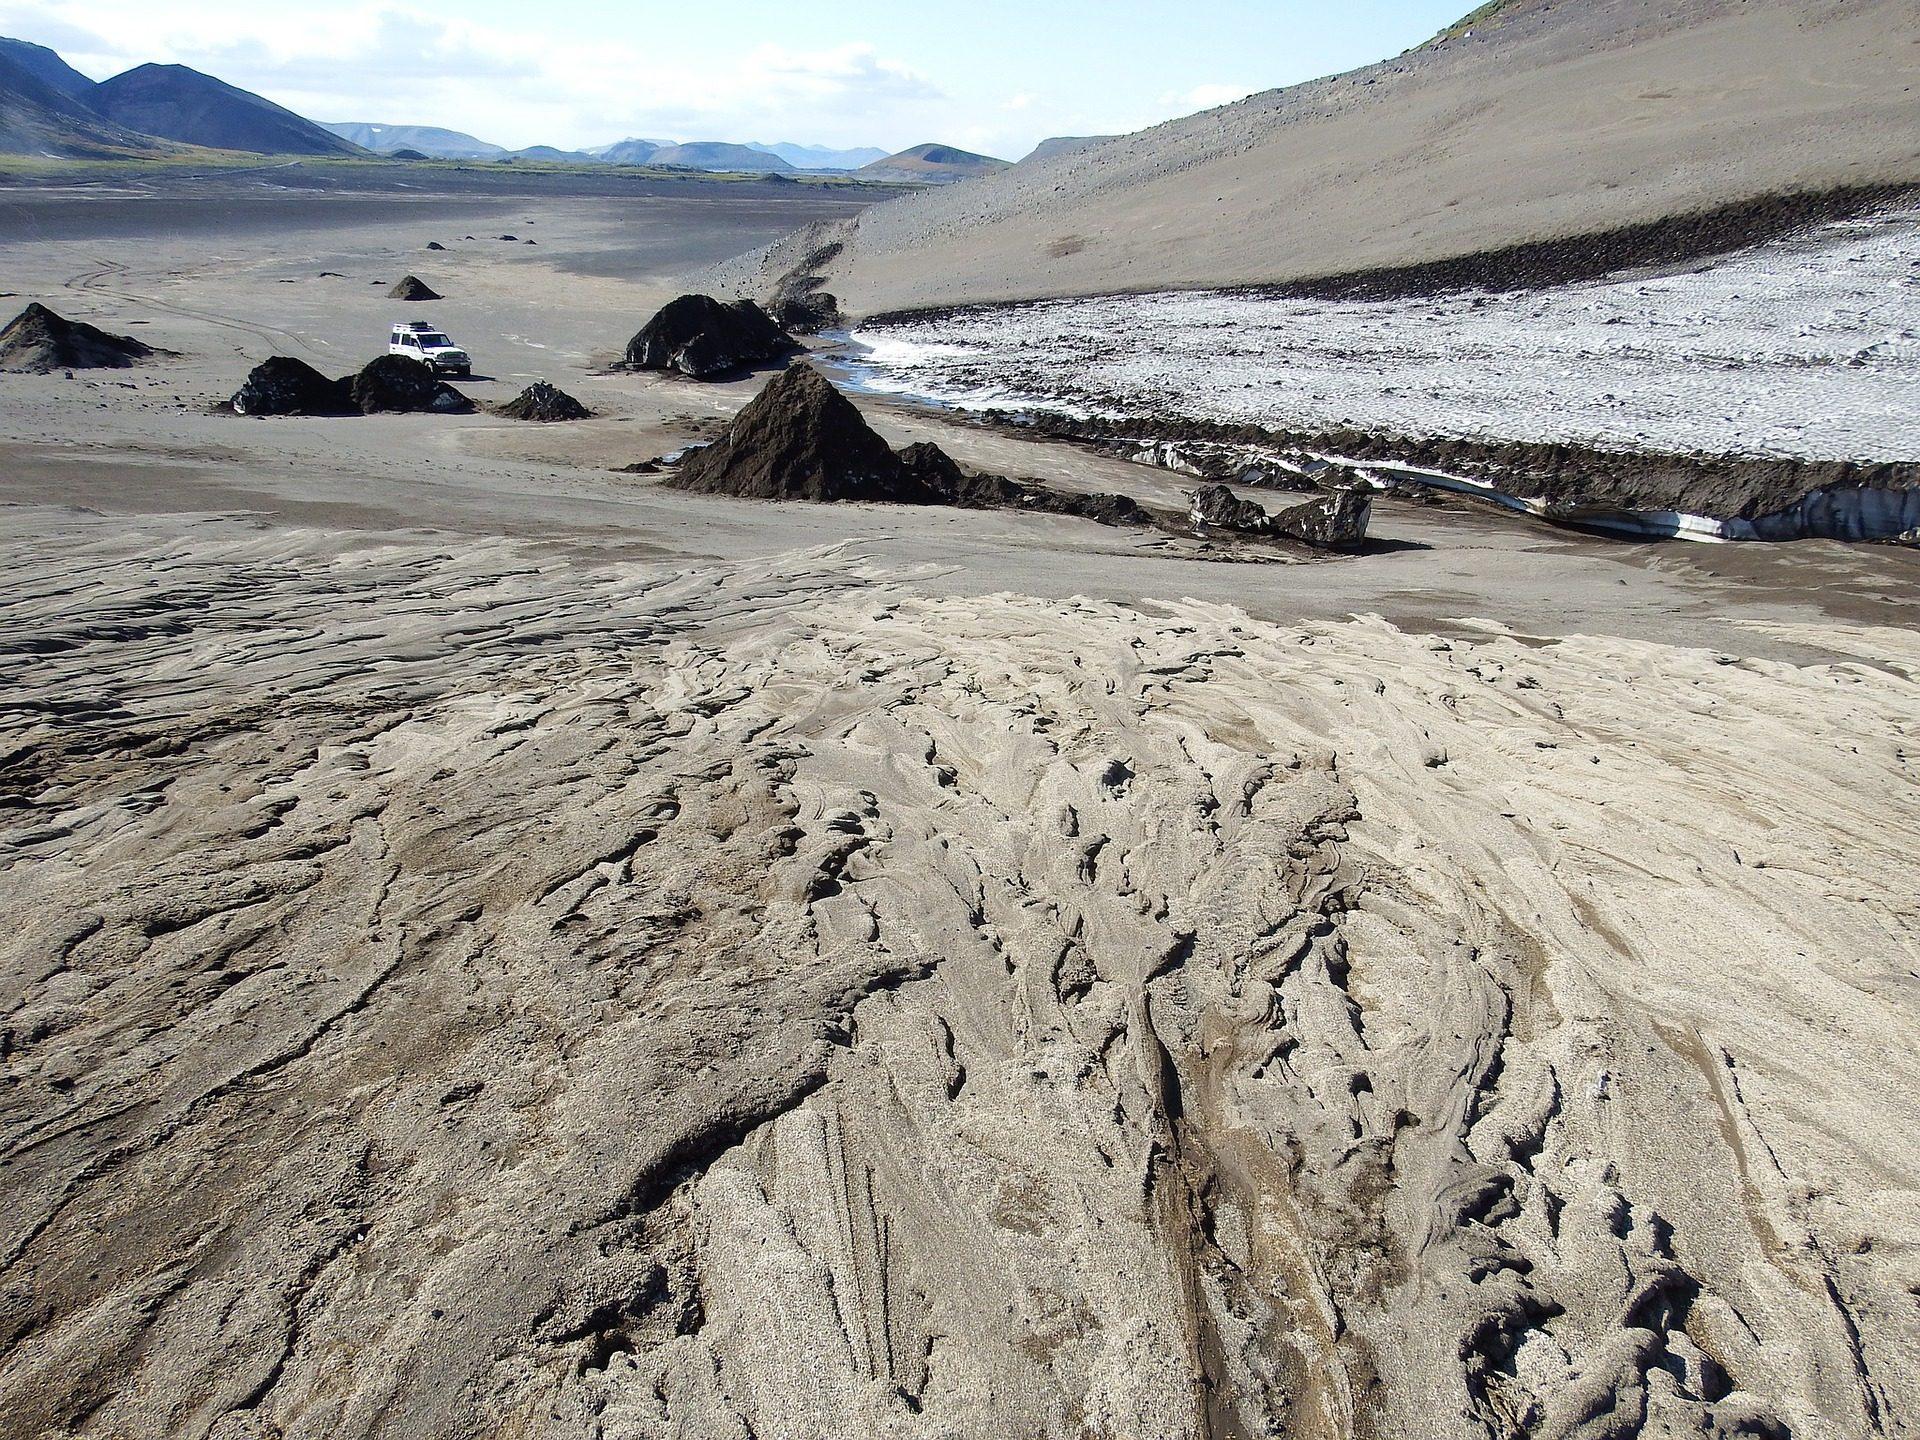 песок, пустыня, Монтанья, камни, автомобиль, грязи - Обои HD - Профессор falken.com